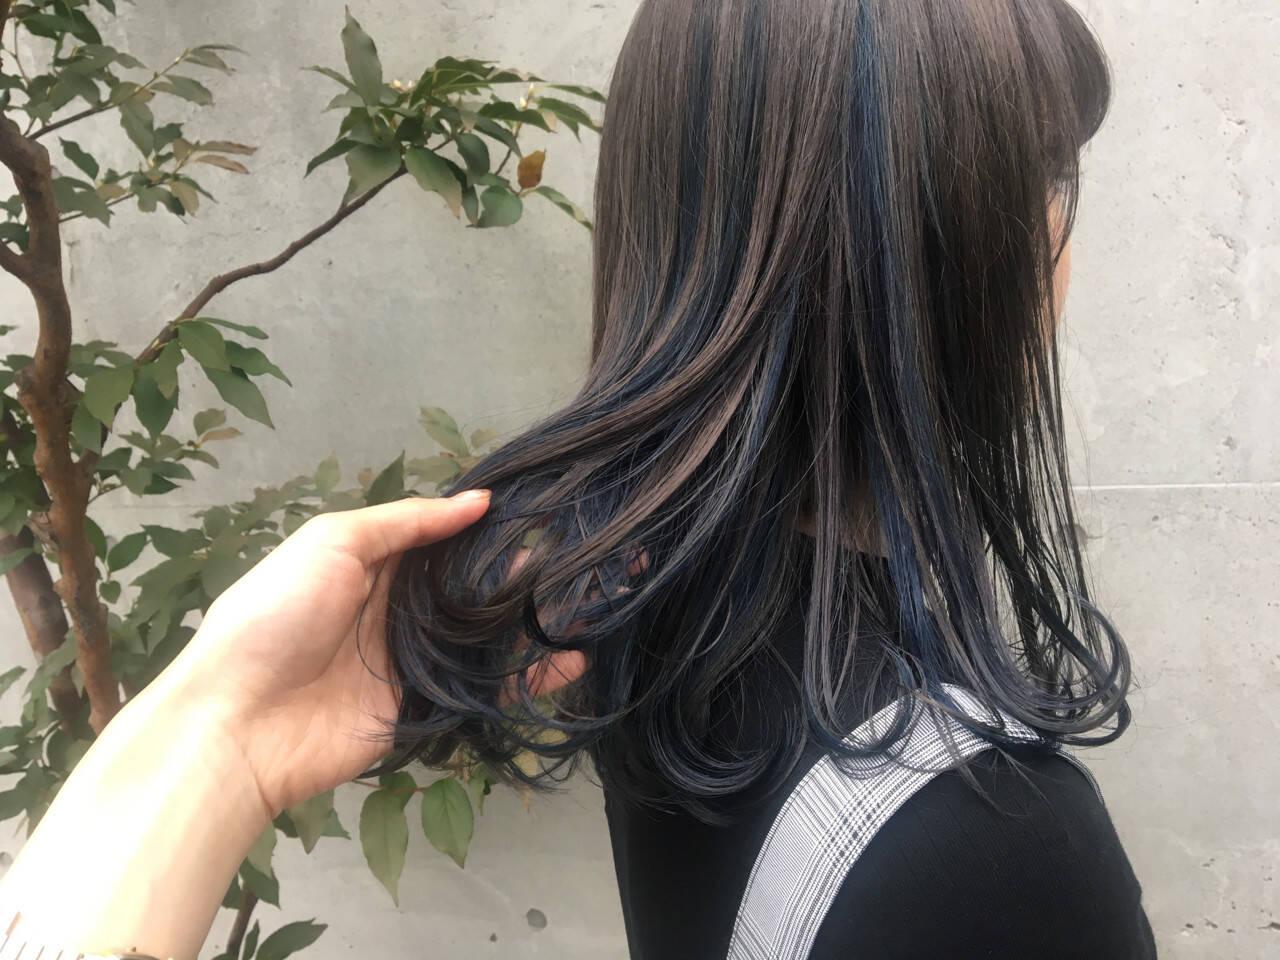 ミディアム ガーリー ハイライト ダブルカラーヘアスタイルや髪型の写真・画像